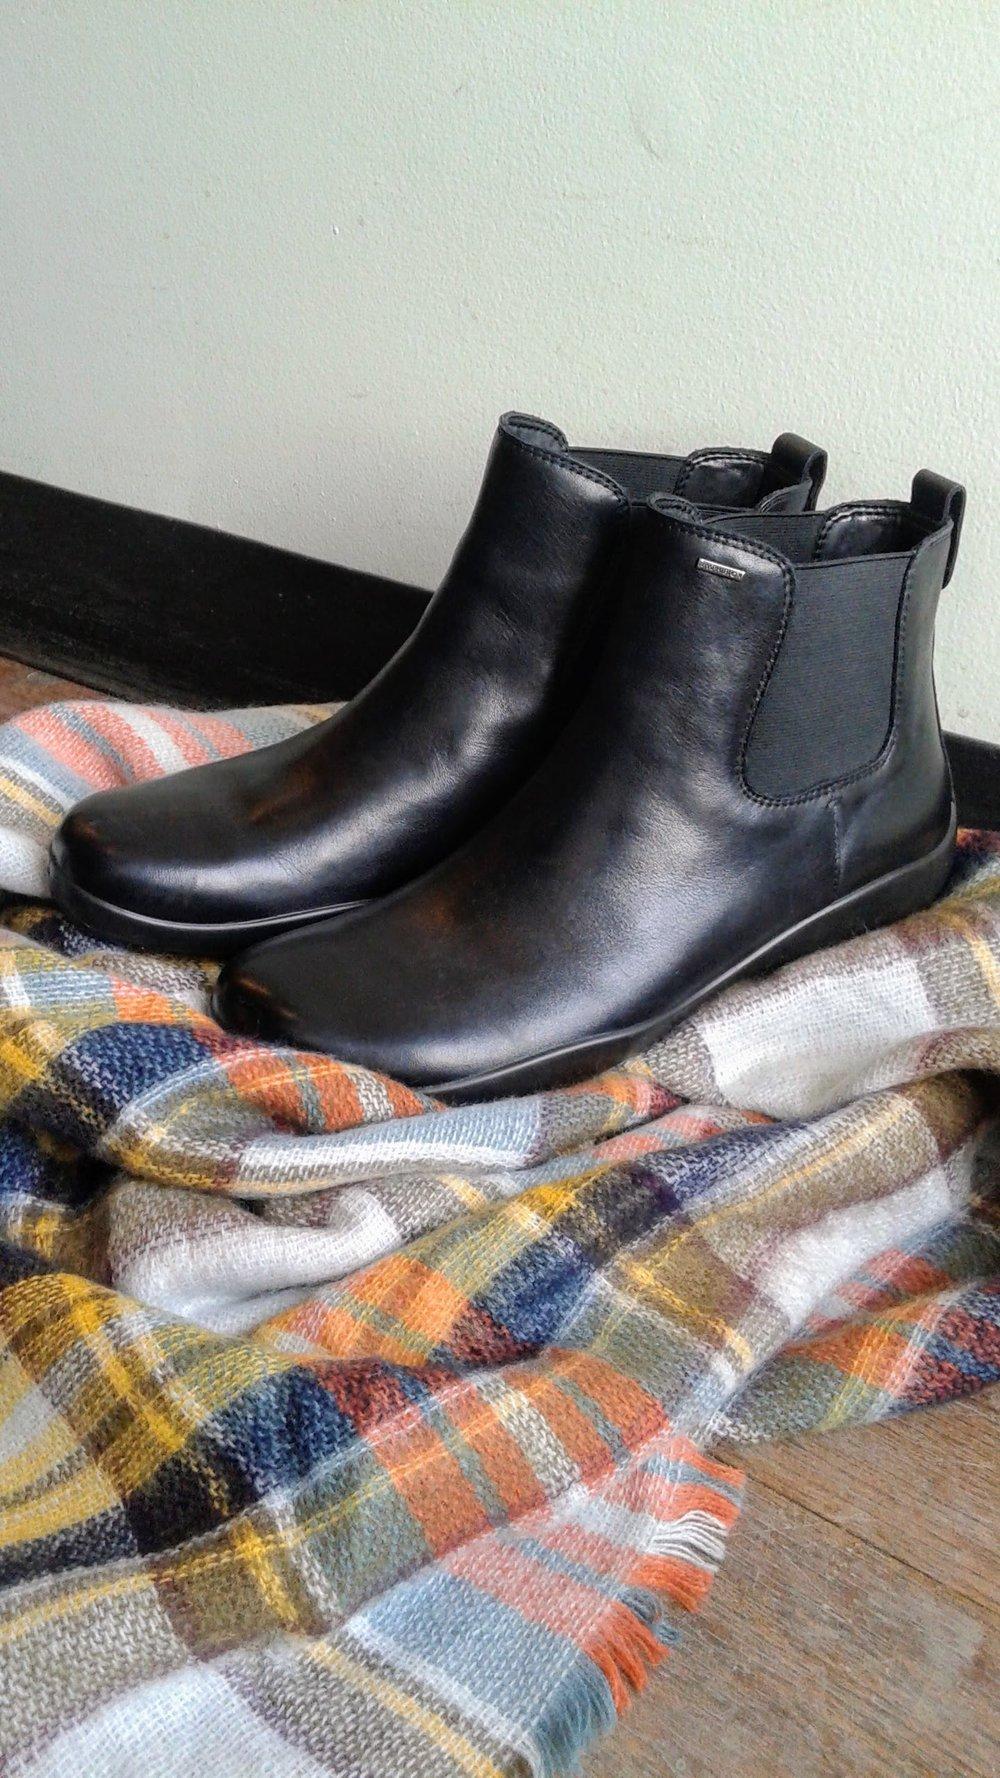 Geox boots; Size 7.5, $68. Zara blanket scarf (NWT), $22